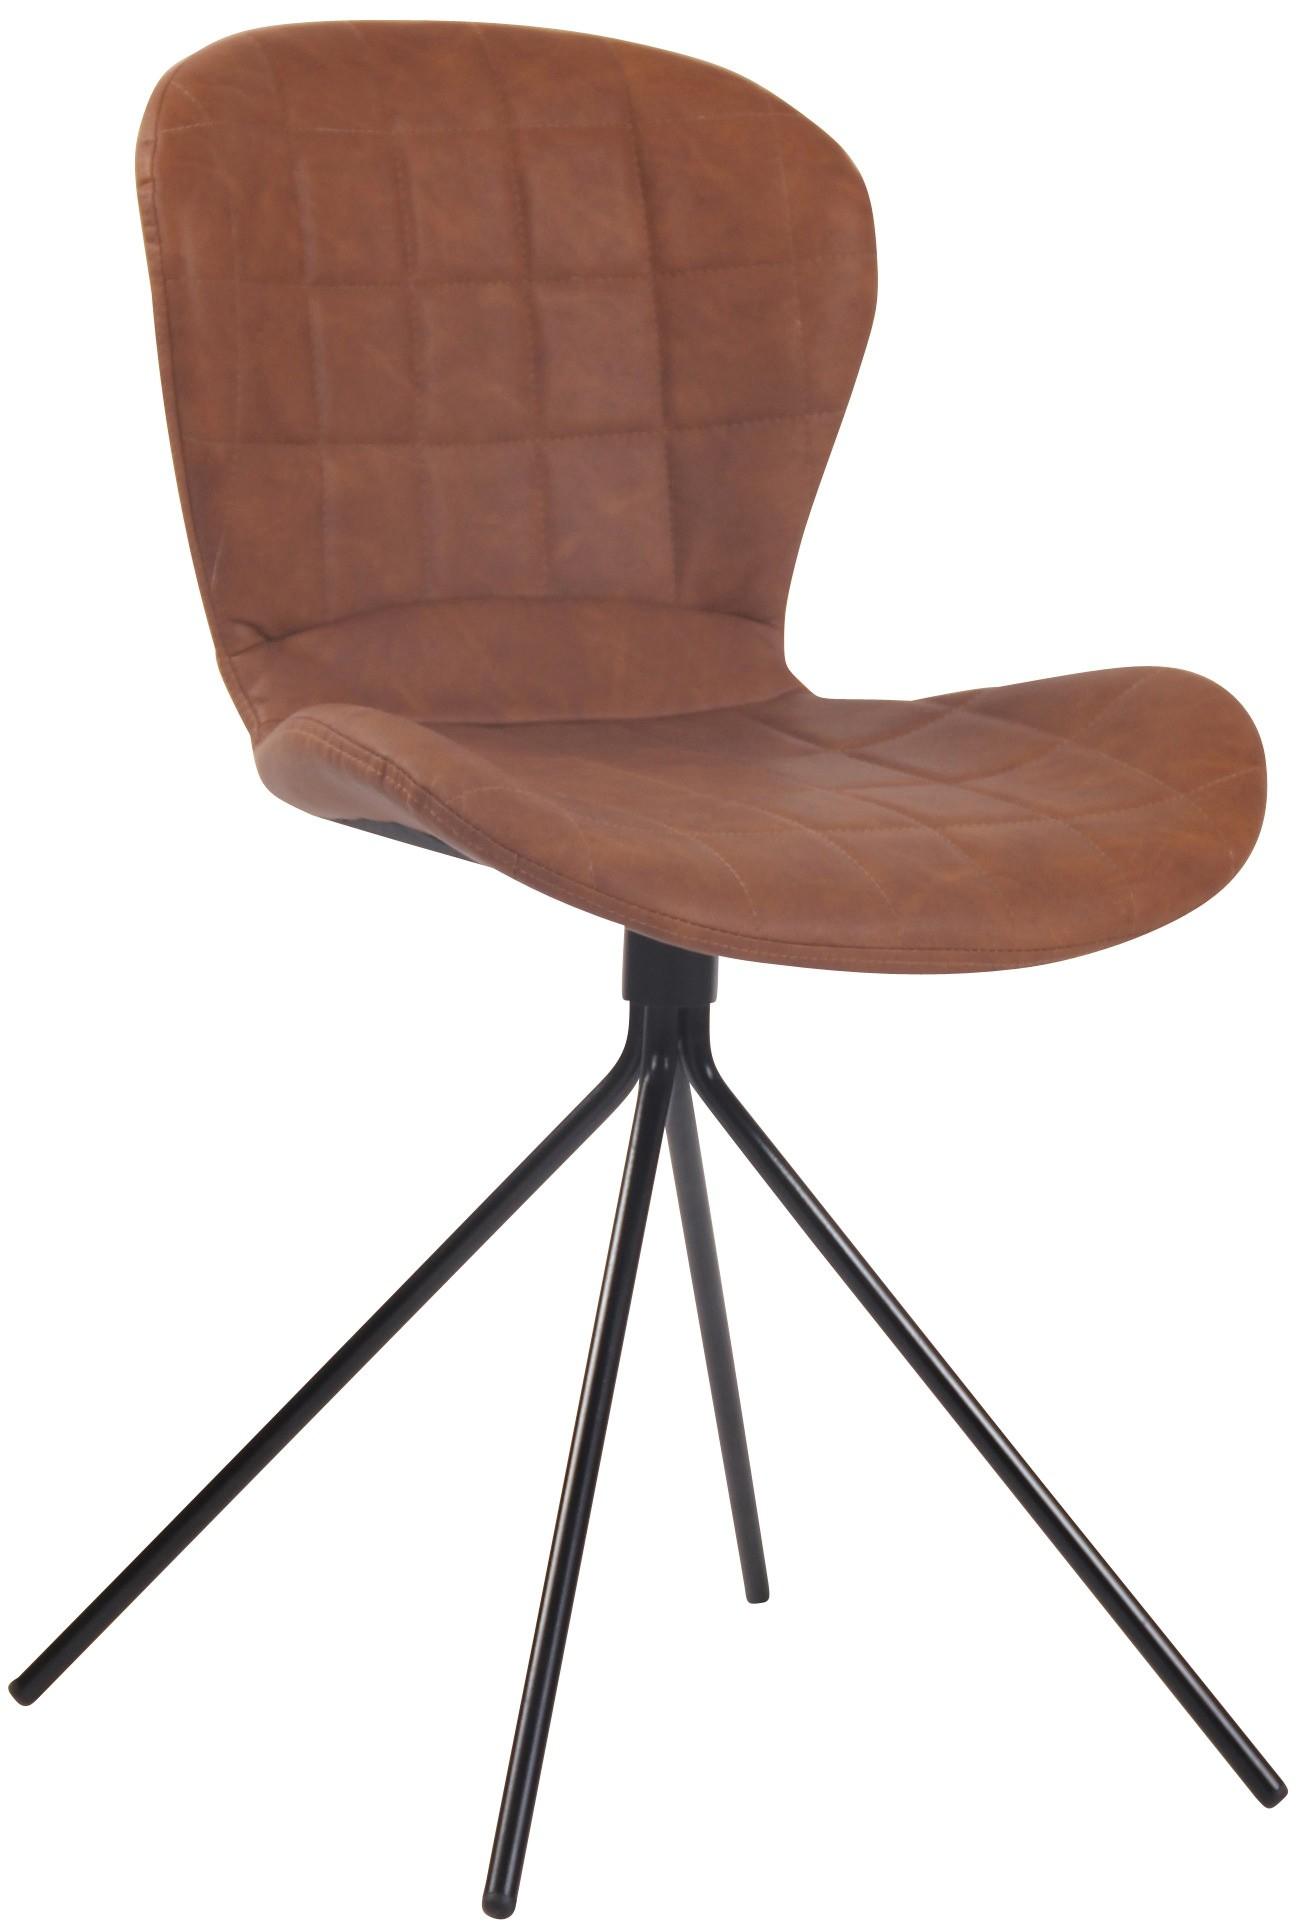 Chaise de salle à manger Cairns en tissu avec piètement métallique